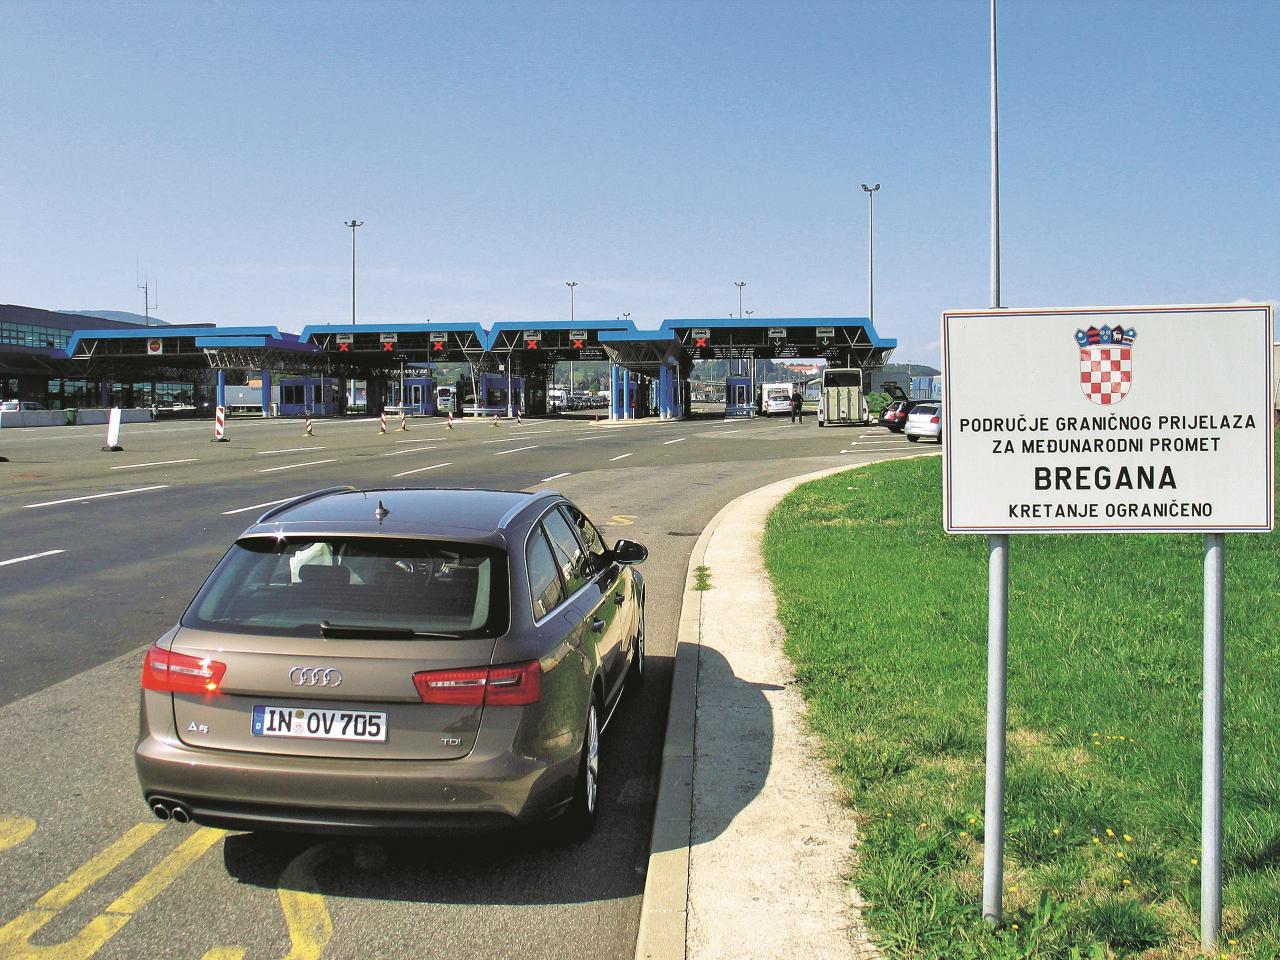 Pāri robežām: šeit mēs esam Breganā, uz robežas starp Horvātiju un Slovēniju.